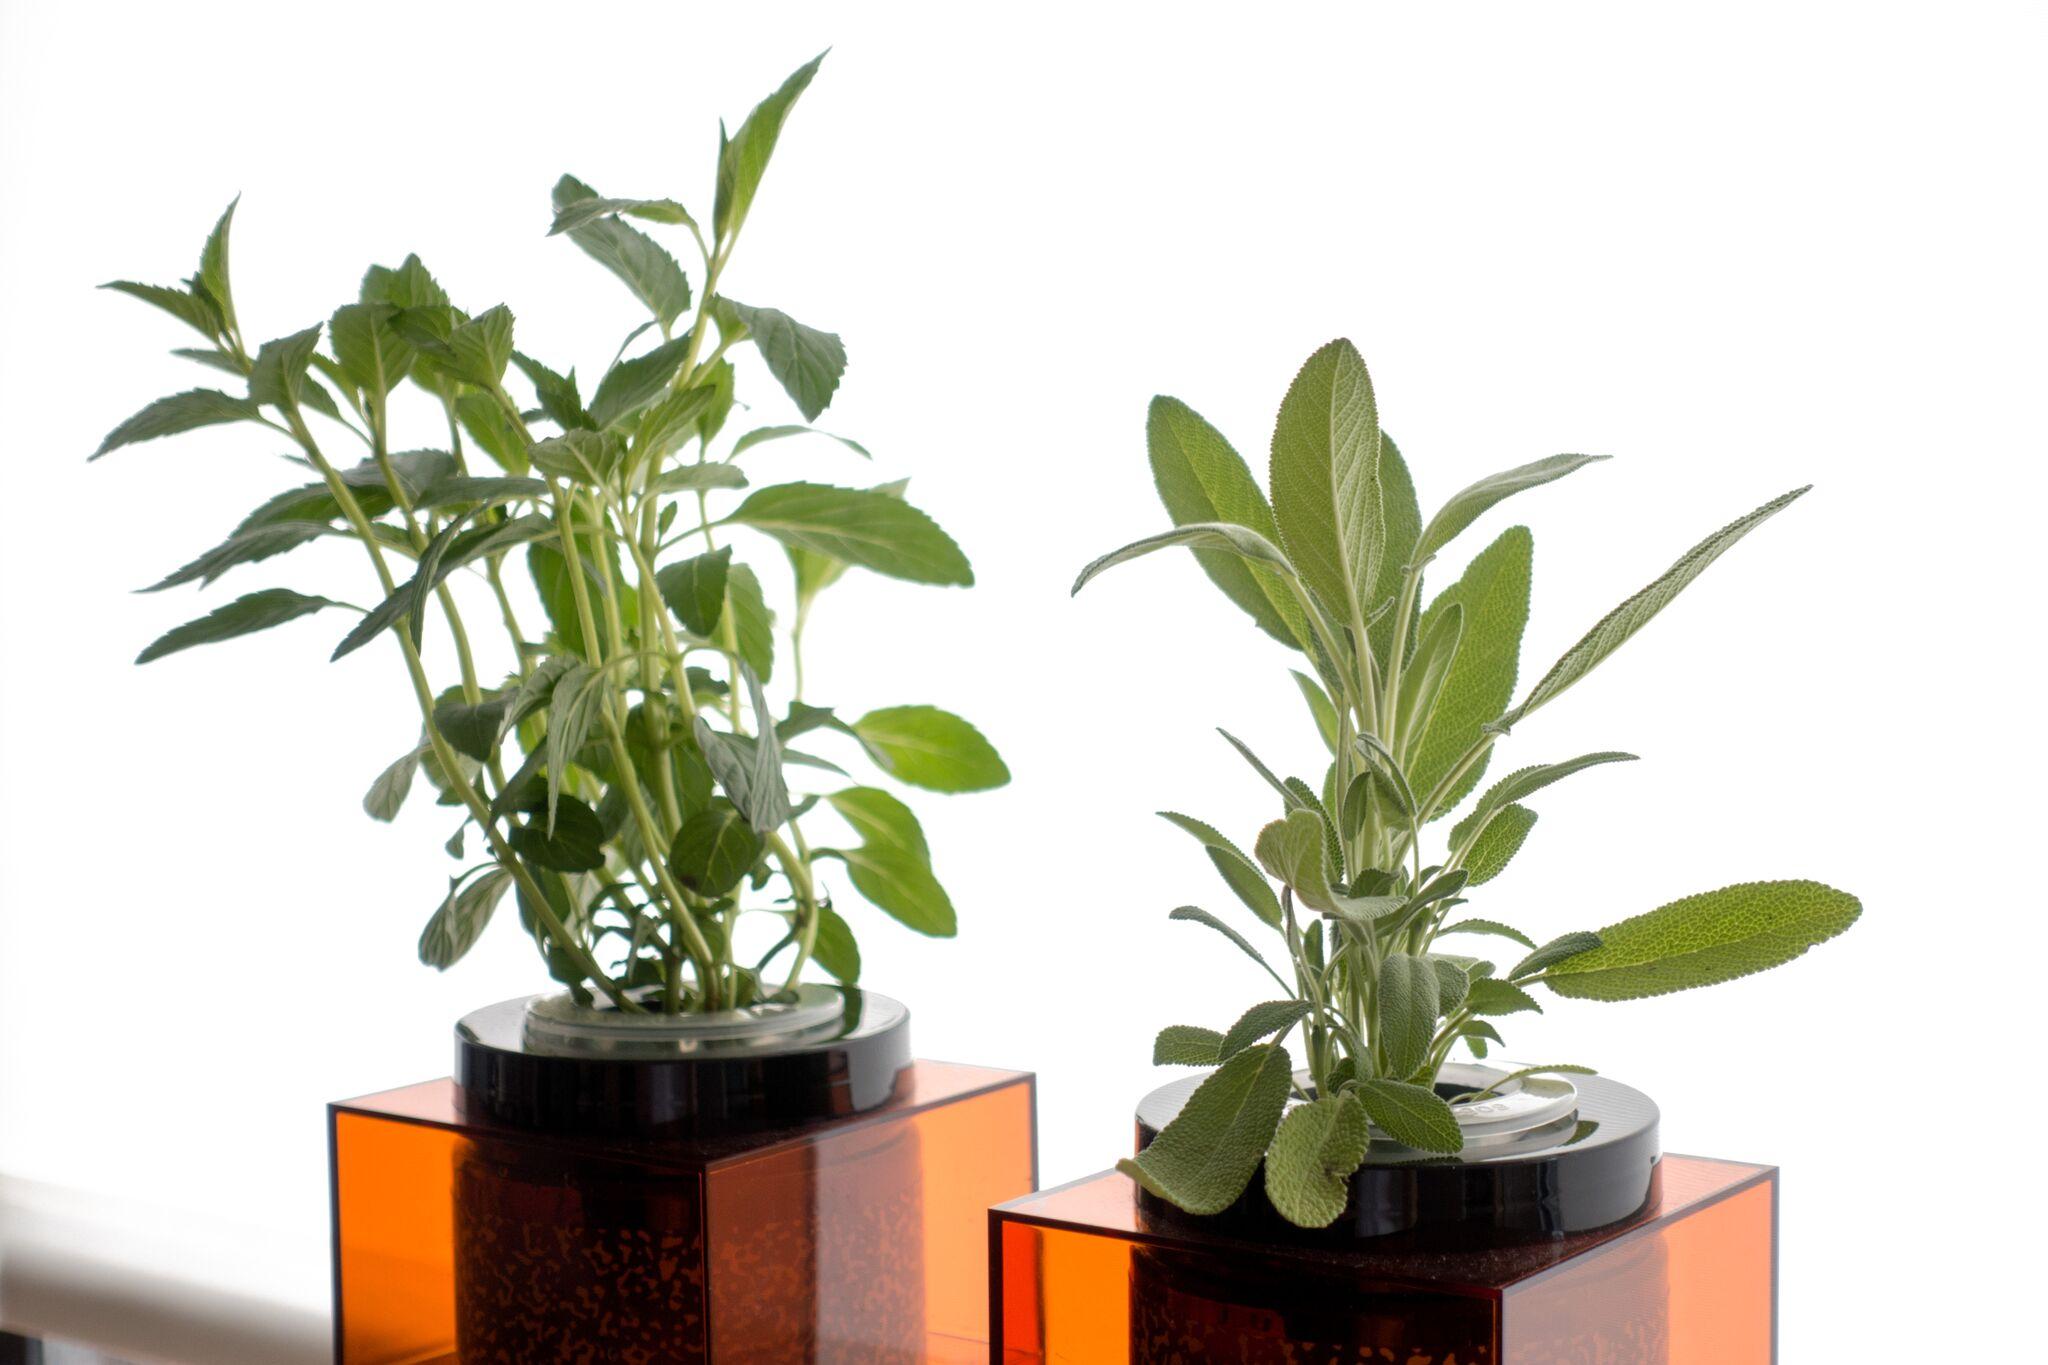 Spacepot, un pot hydroponique digne de la NASA dans votre cuisine, par FutureFarmsSpacepot, un pot hydroponique digne de la NASA dans votre cuisine, par FutureFarms